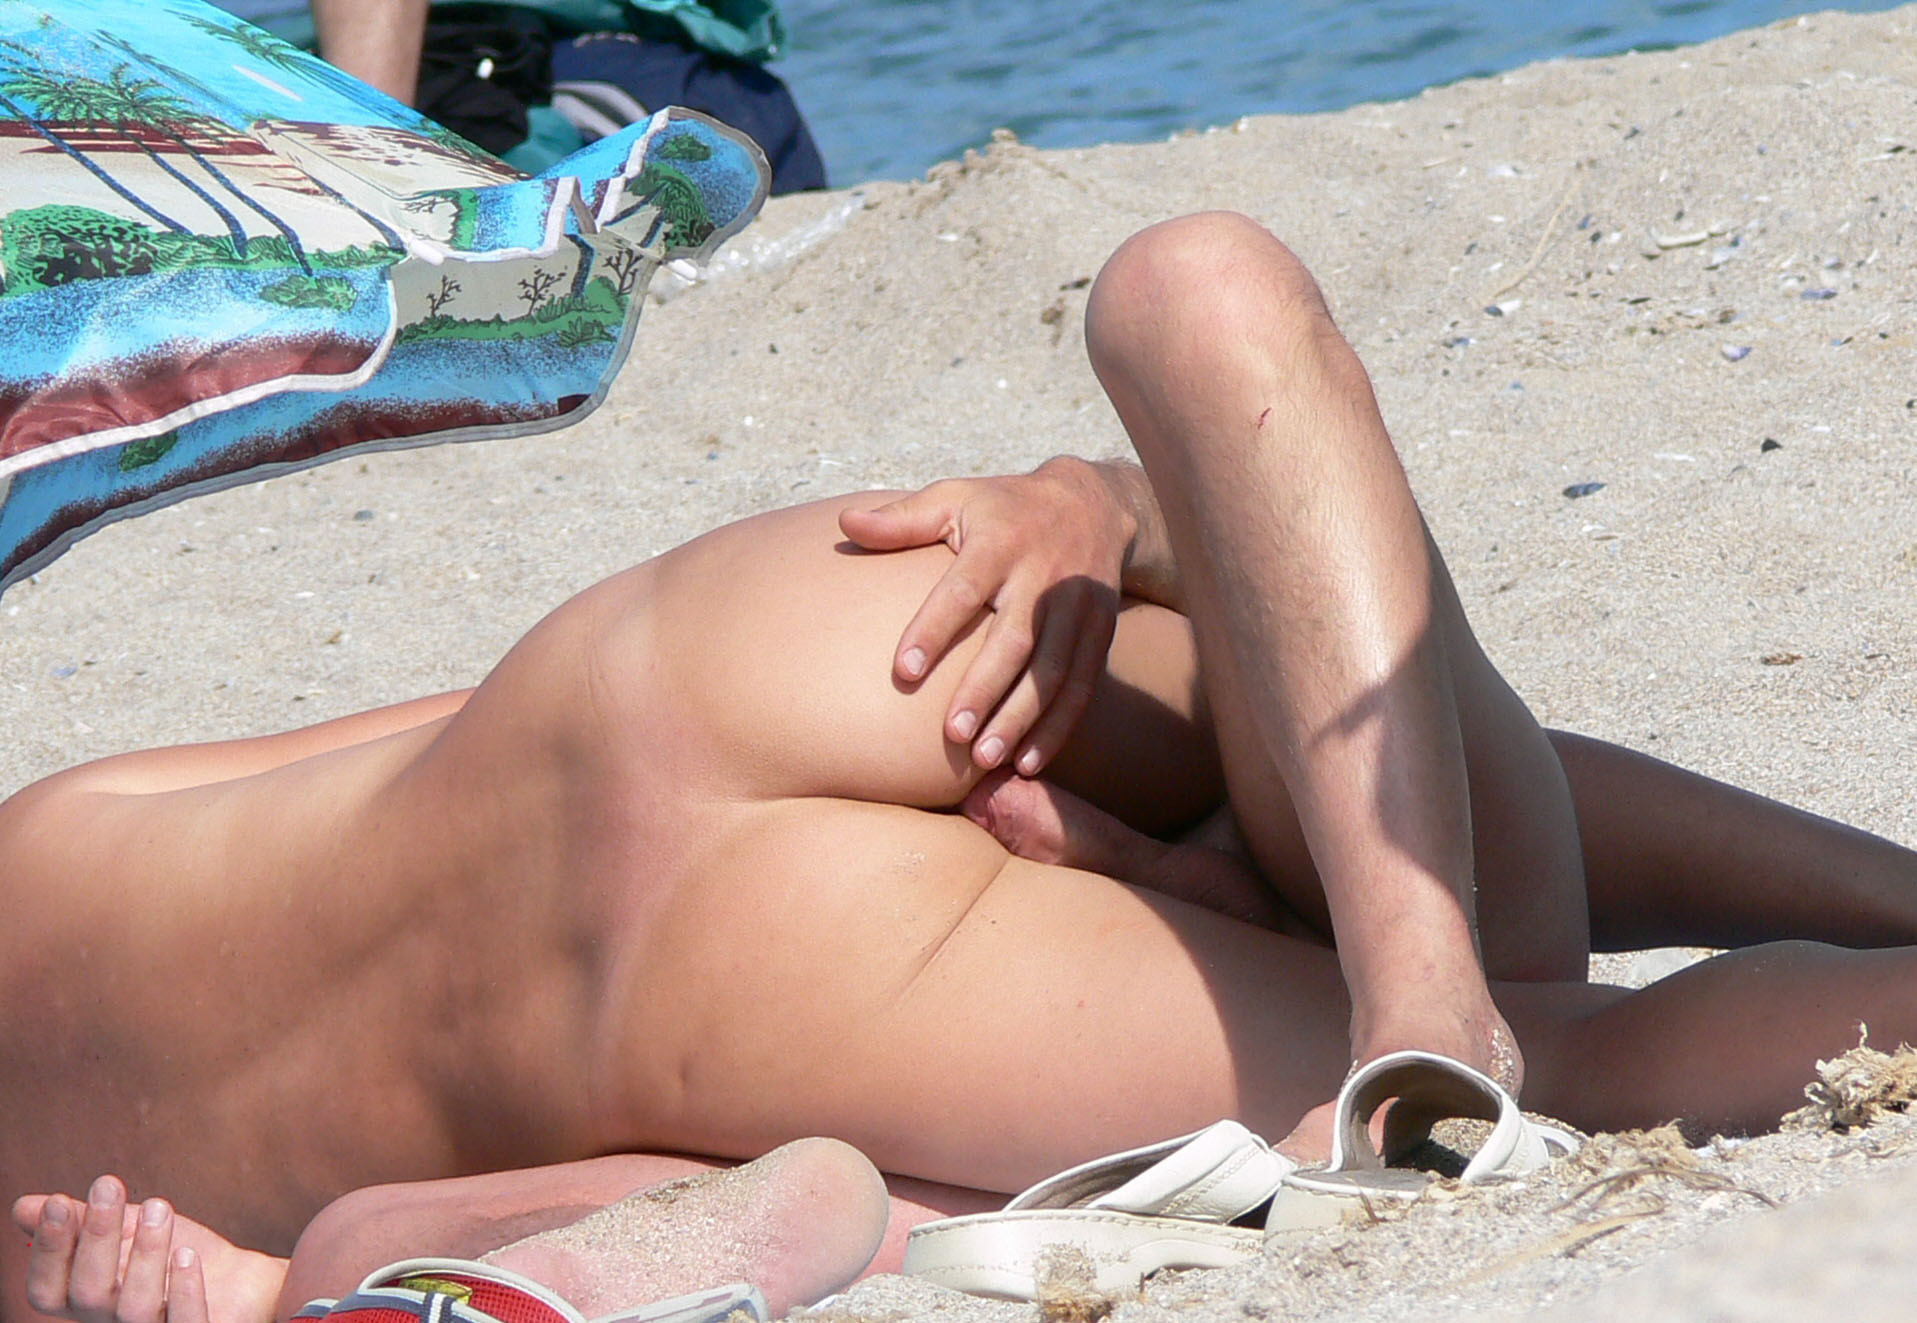 Секс на пляже - компиляция 5